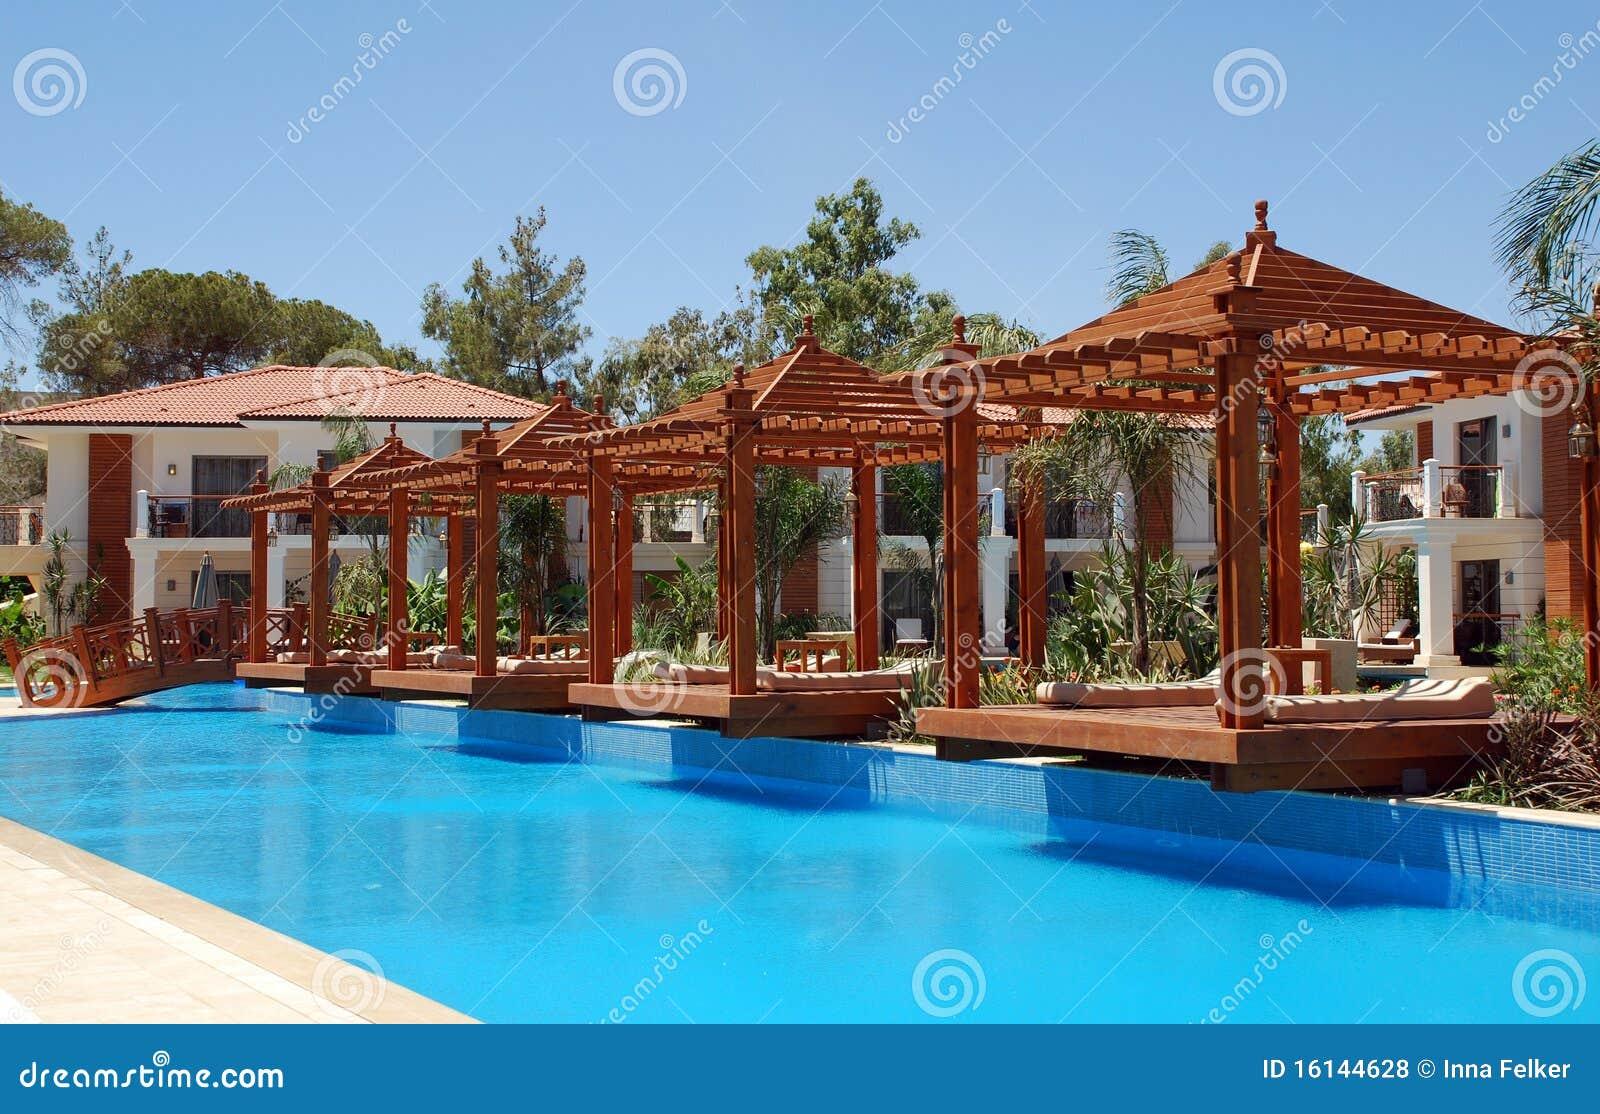 Pool und holz pergola lizenzfreie stockfotos bild 16144628 for Pergolas para piscinas